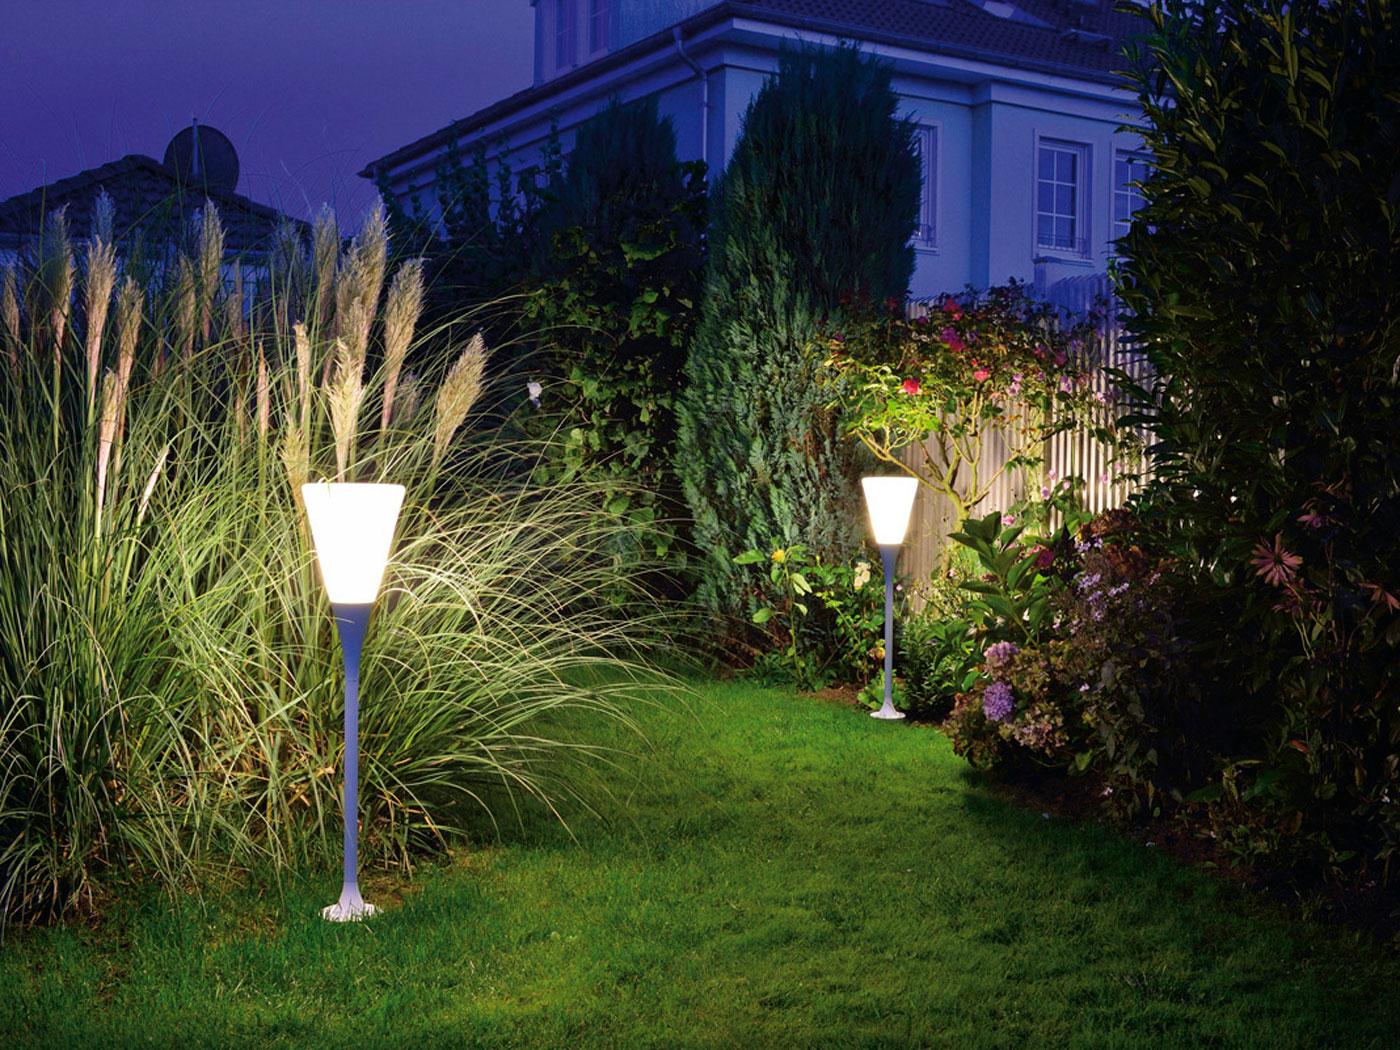 gartenbeleuchtung rostock. Black Bedroom Furniture Sets. Home Design Ideas